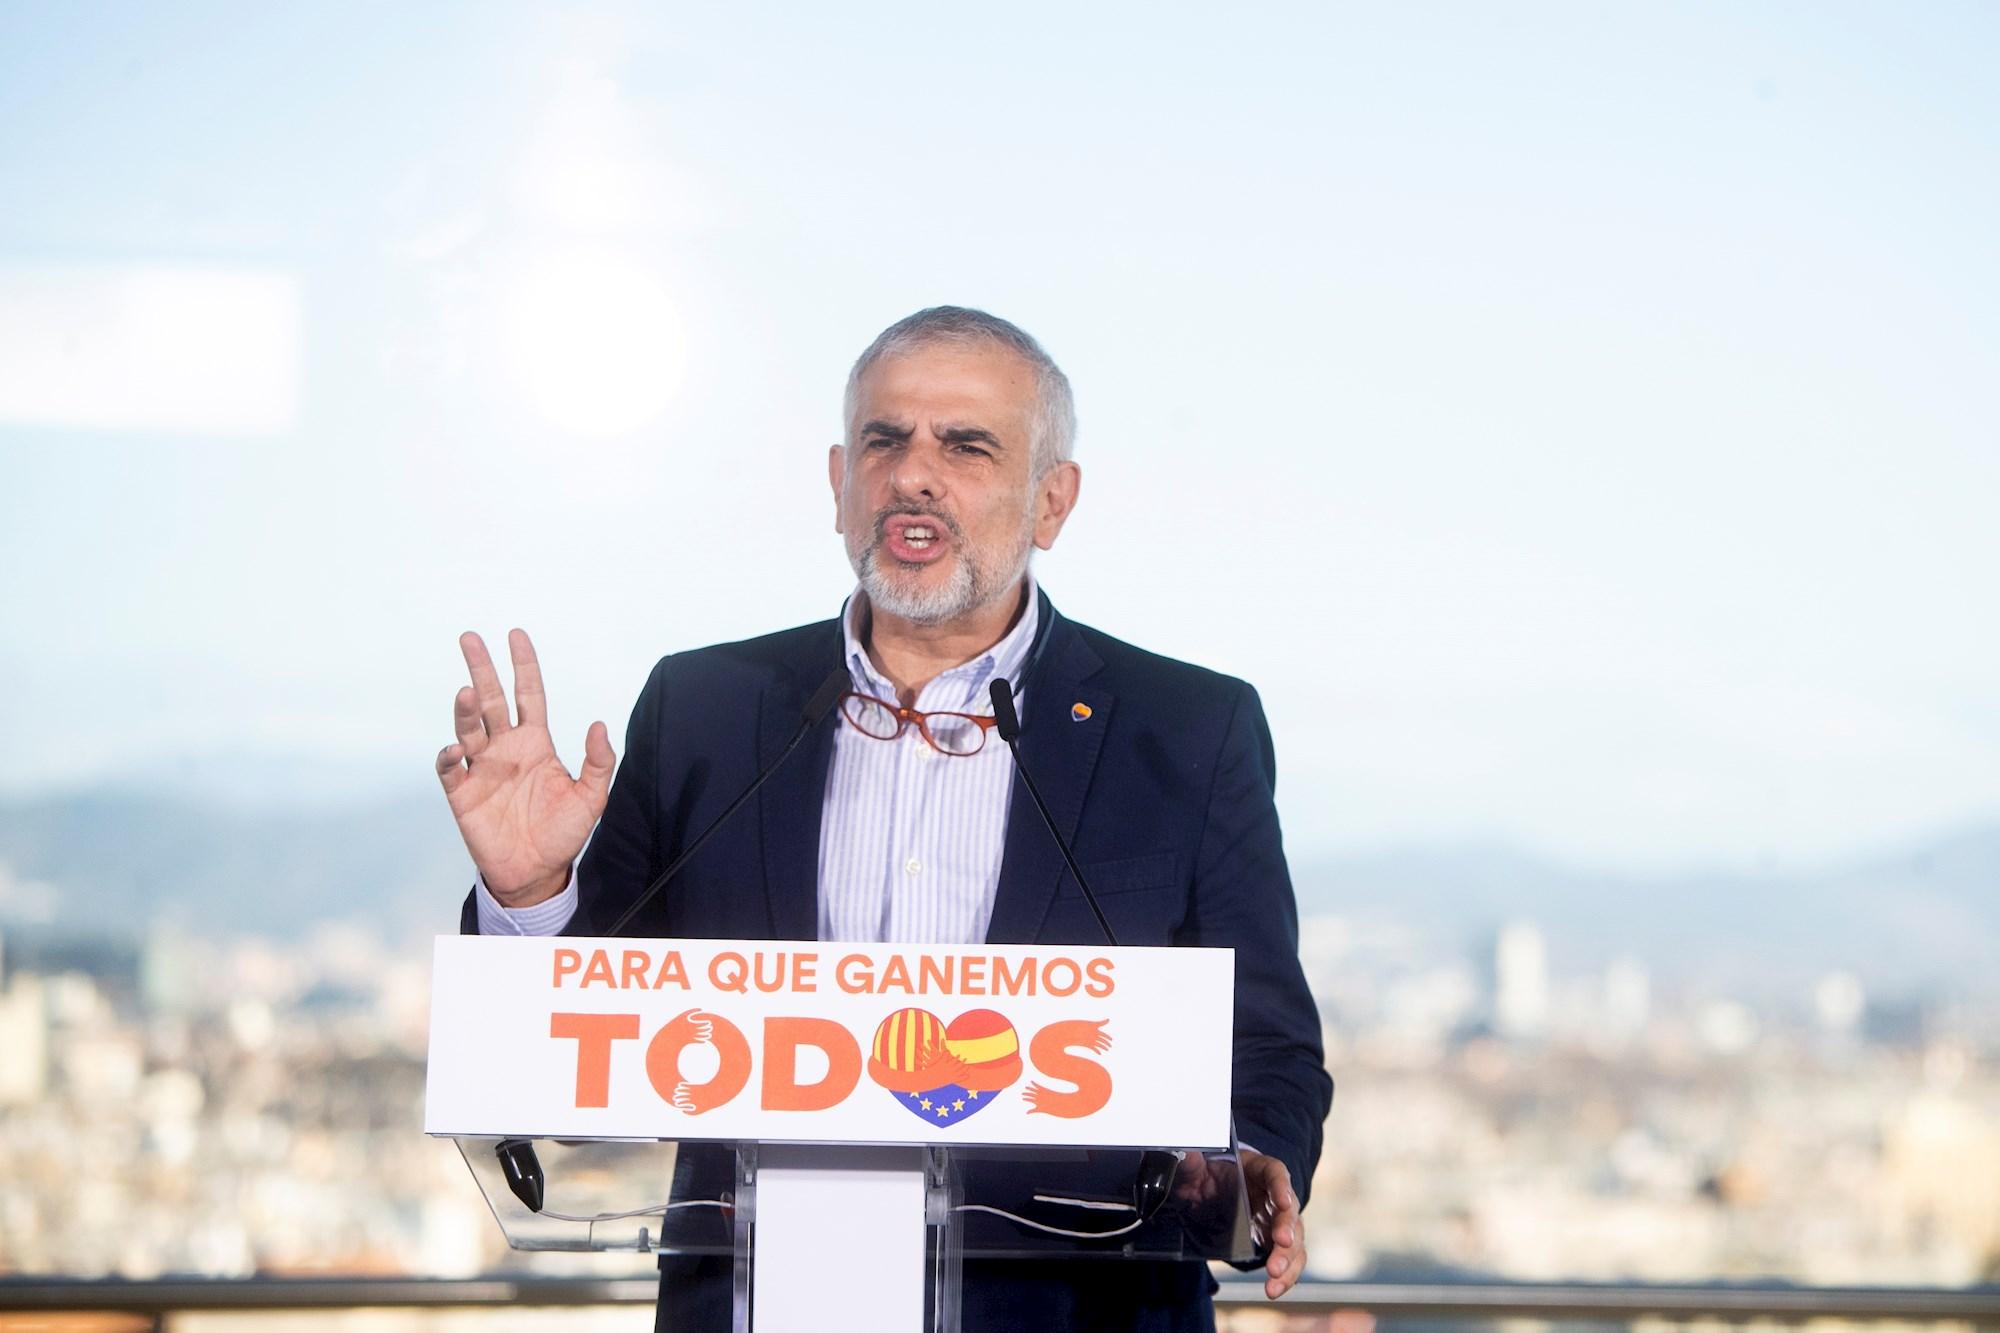 El candidato de Ciudadanos al 14-F, Carlos Carrizosa, durante un acto electoral celebrado en Barcelona el 1 de febrero de 2021 | EFE/MP